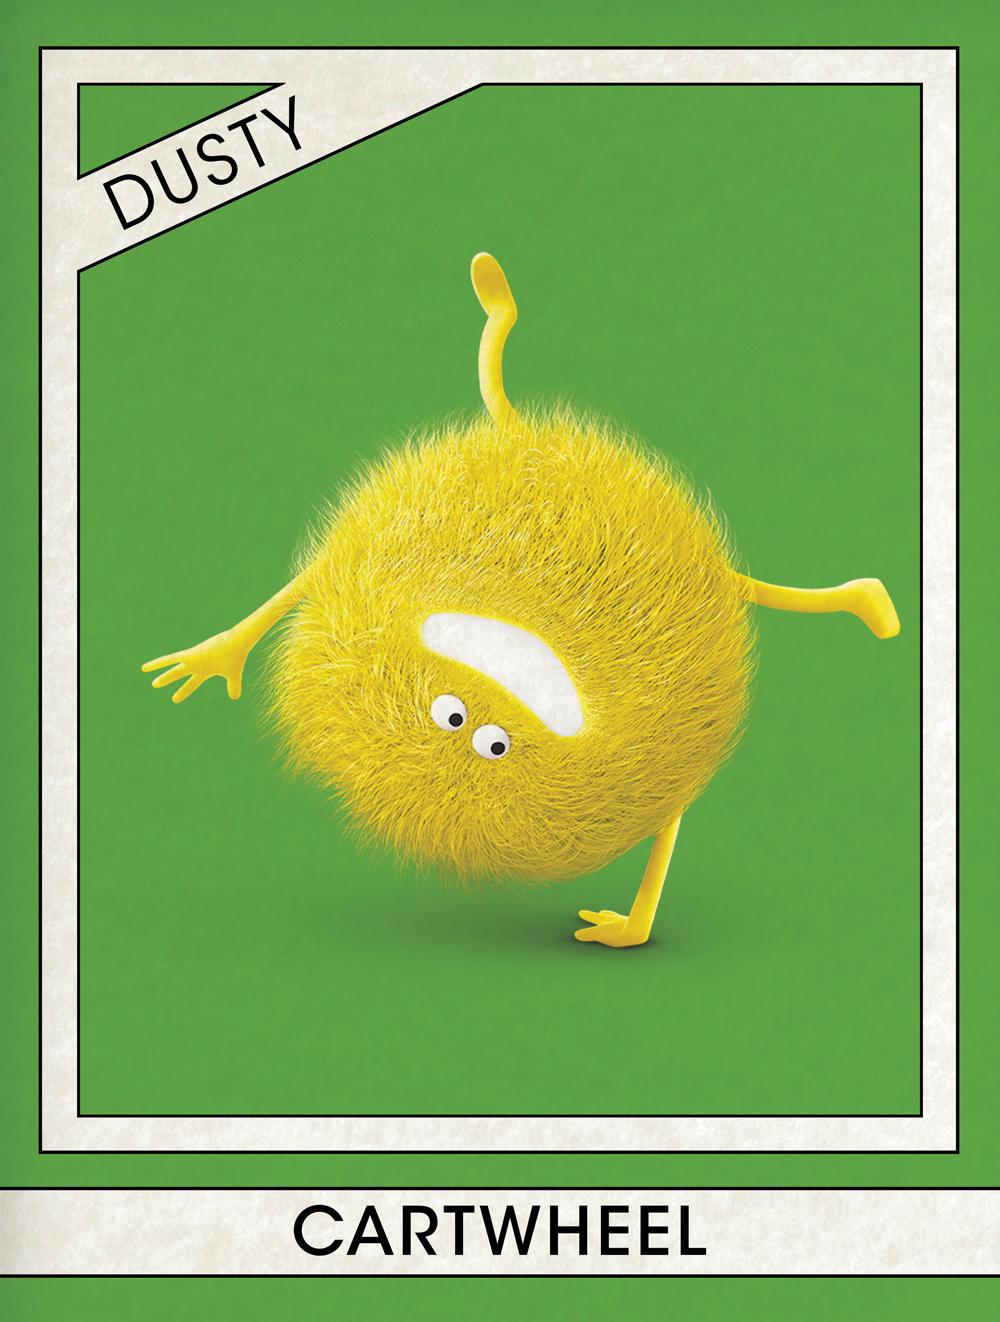 dusty-cartwheel-green.jpg